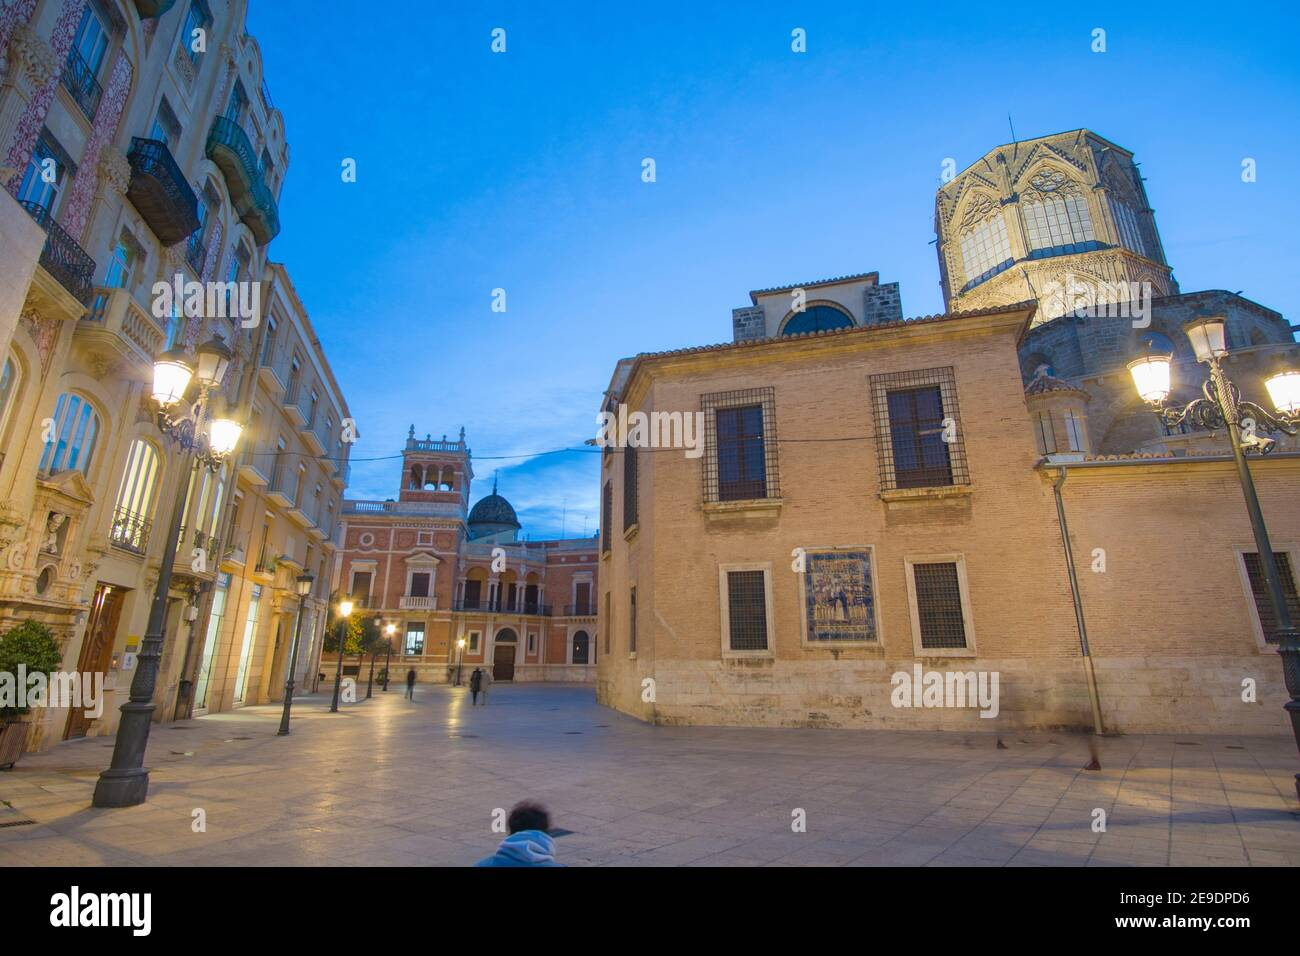 Valence Espagne le 10 décembre 2020 : nuit de Noël la cathédrale. Banque D'Images